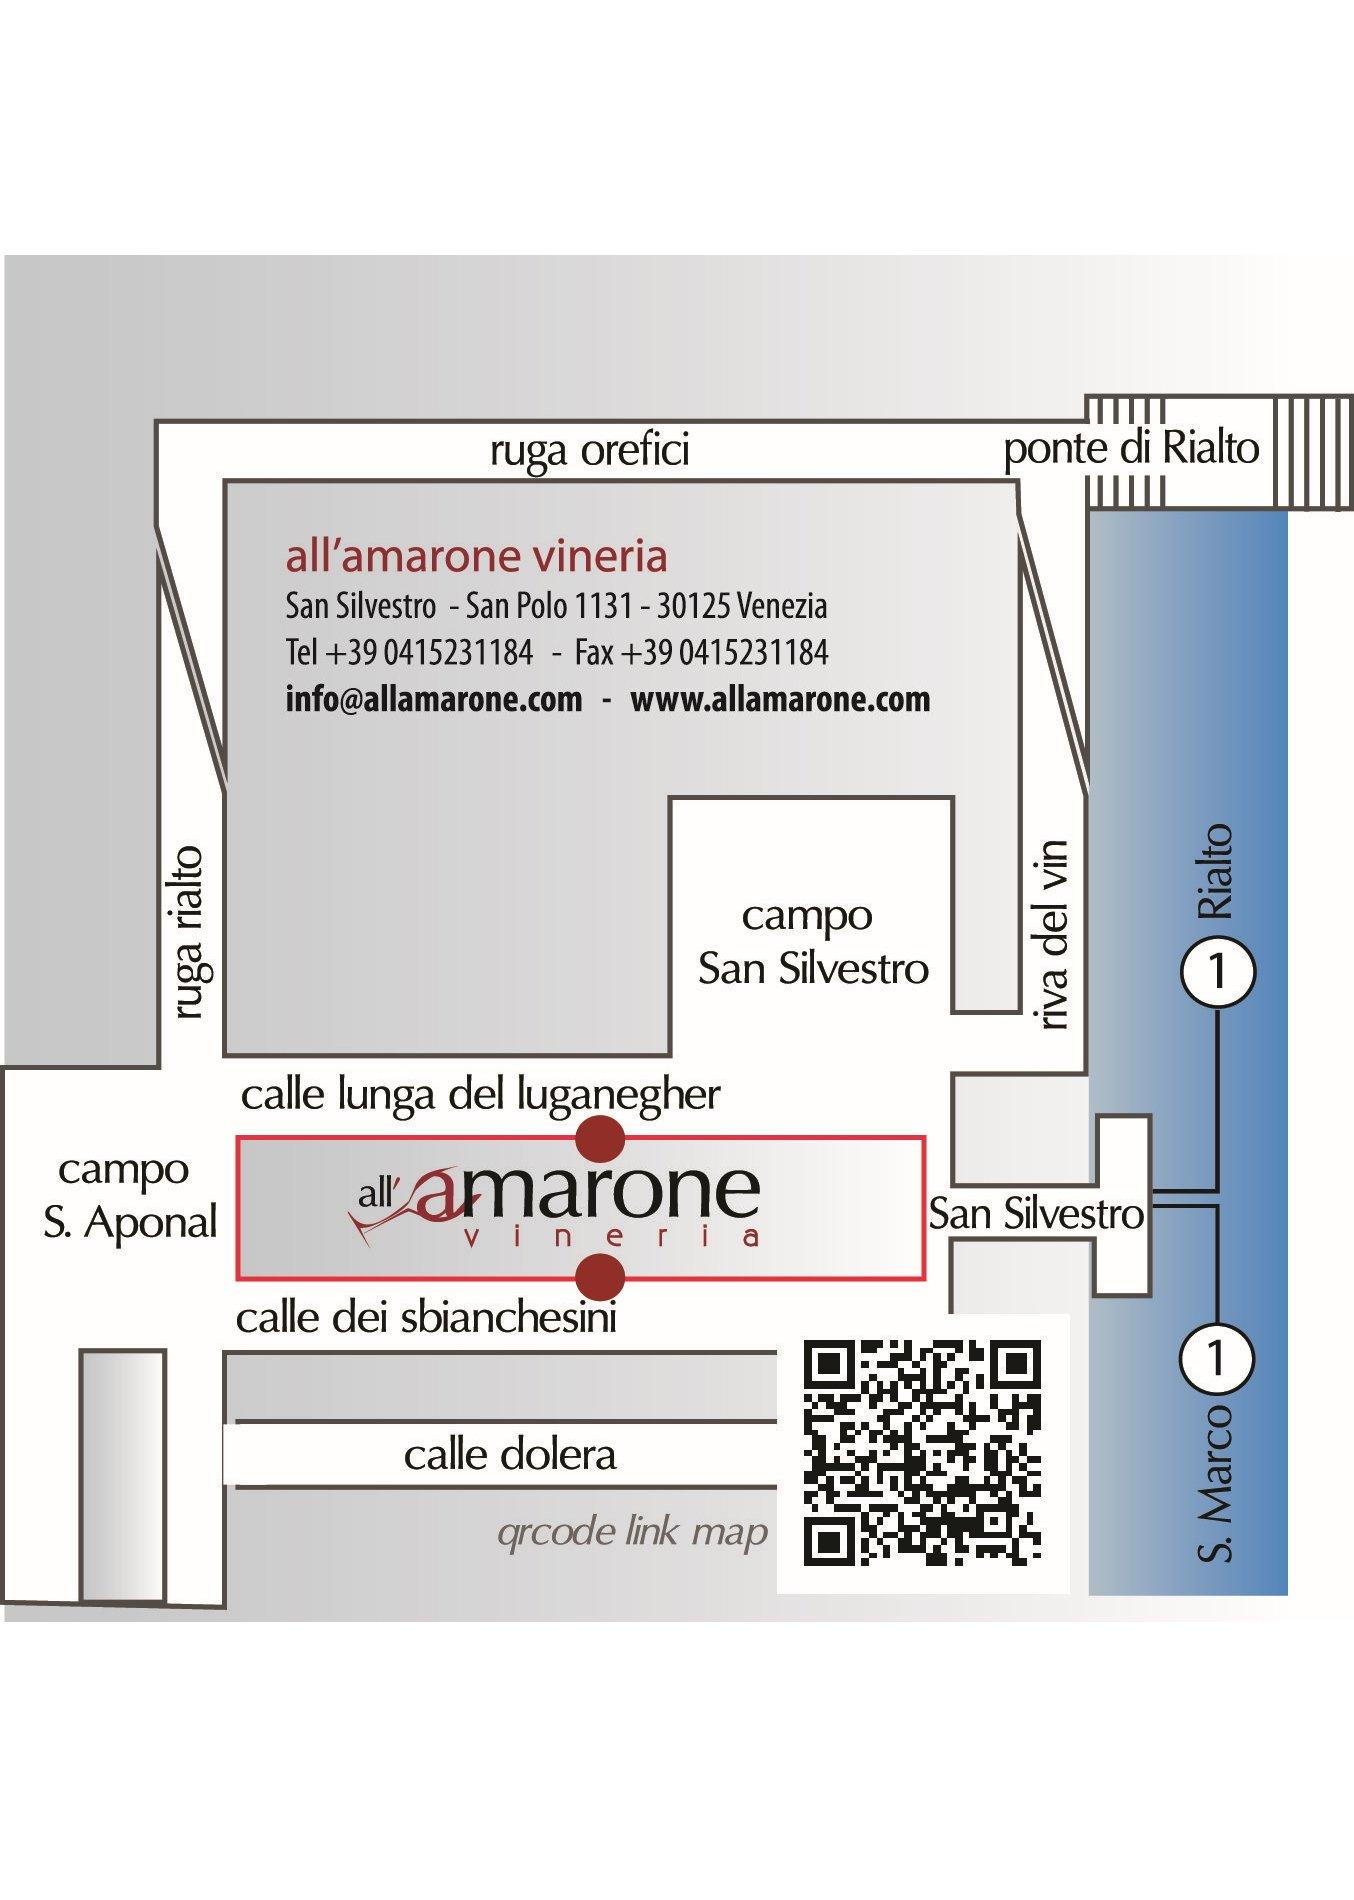 Vineria all'Amarone Location Map